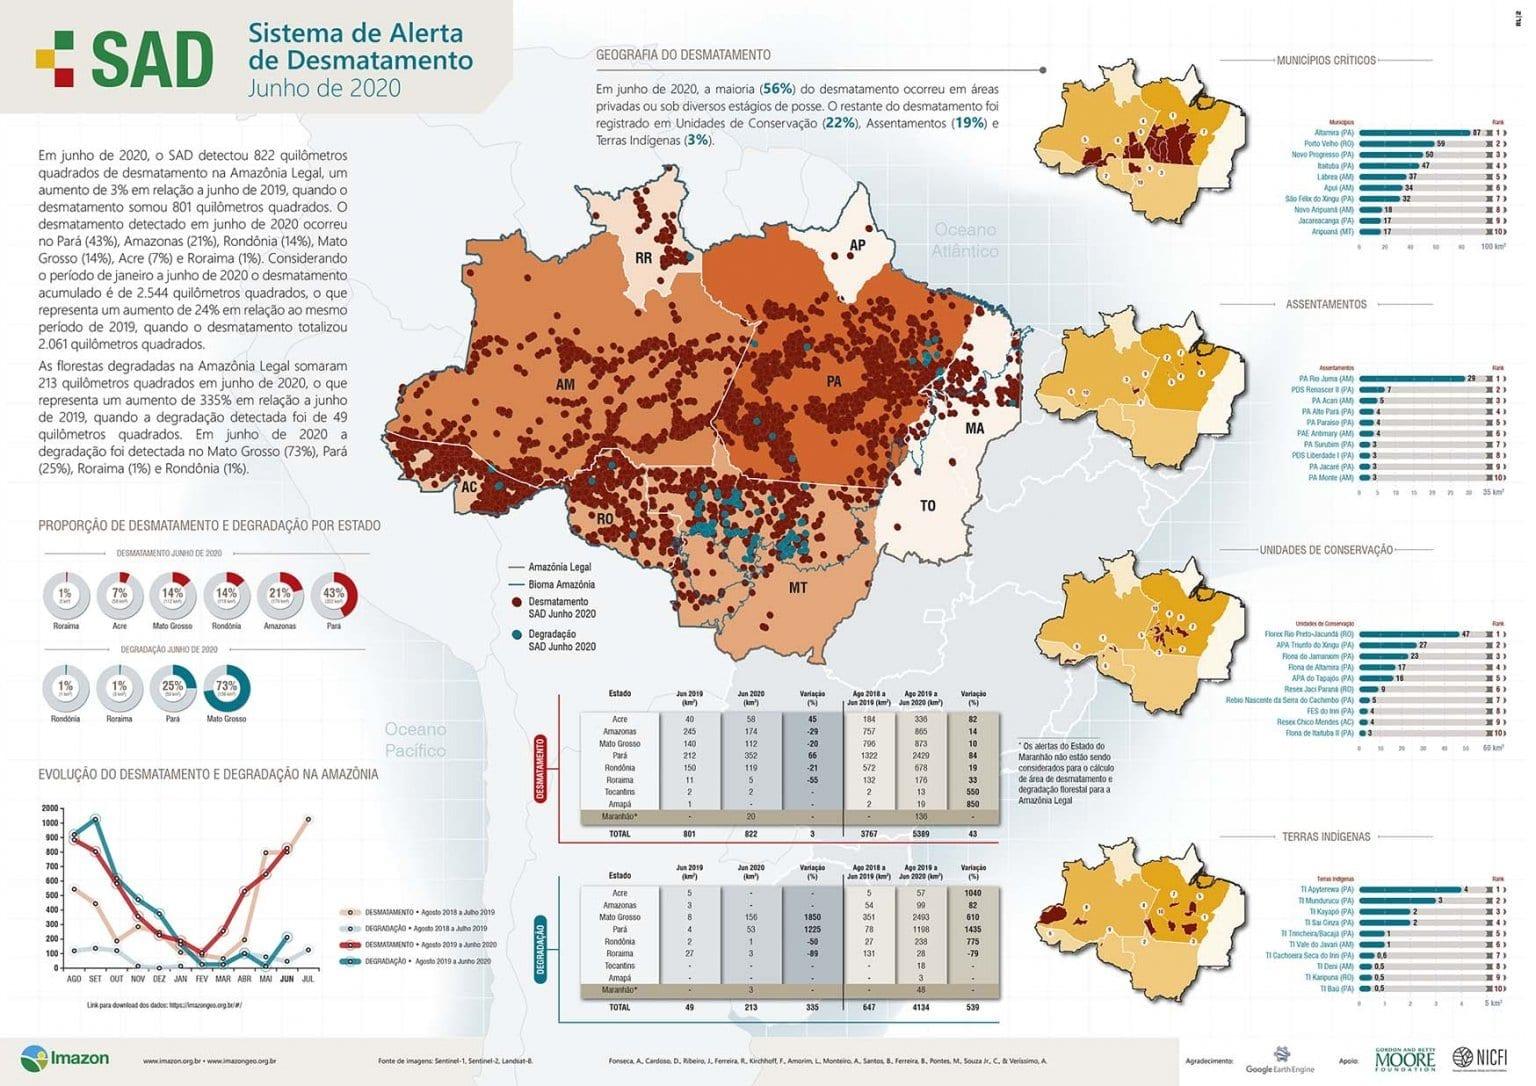 Desmatamento na Amazônia cresce 24% no primeiro semestre de 2020